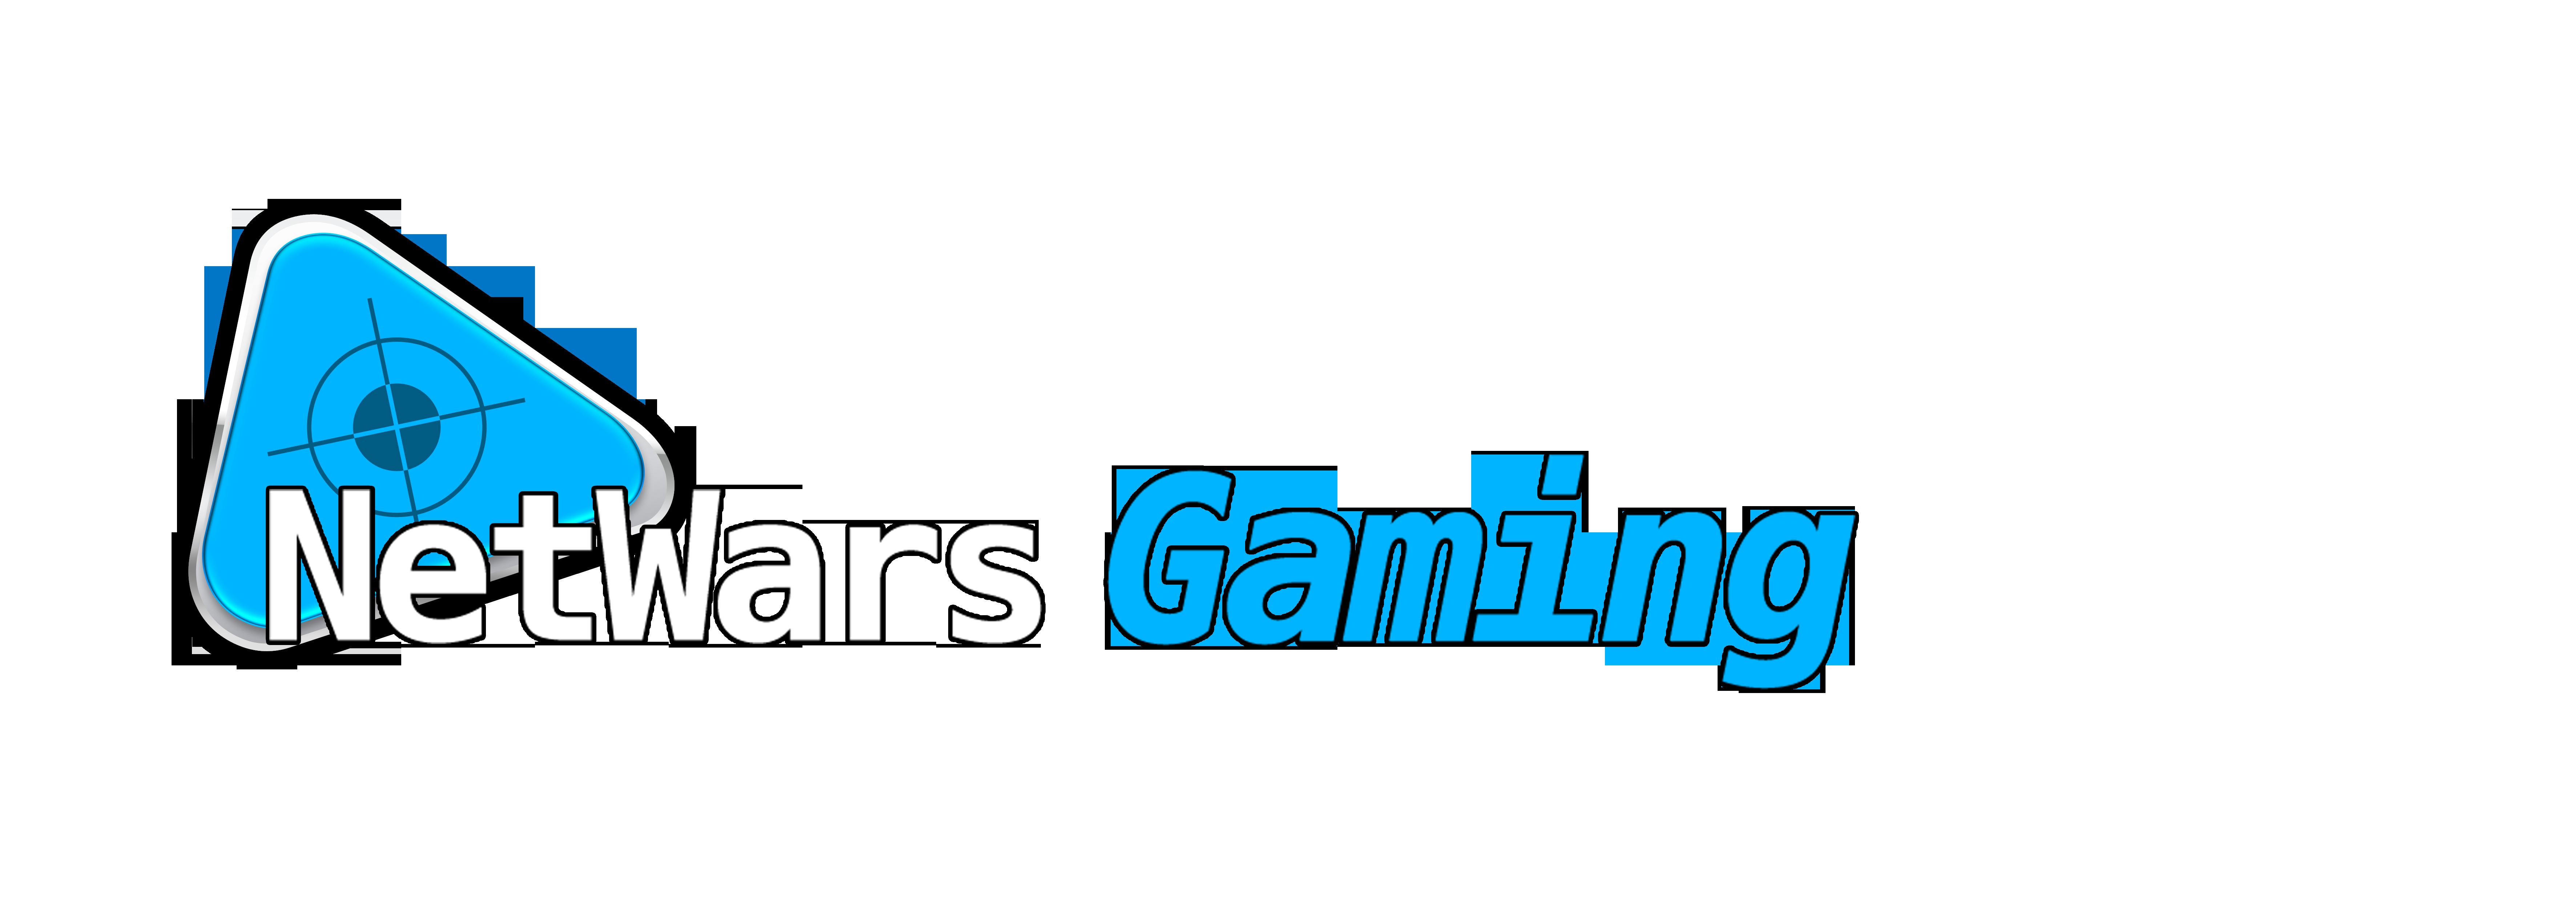 netwars-logo-gaming TShirt